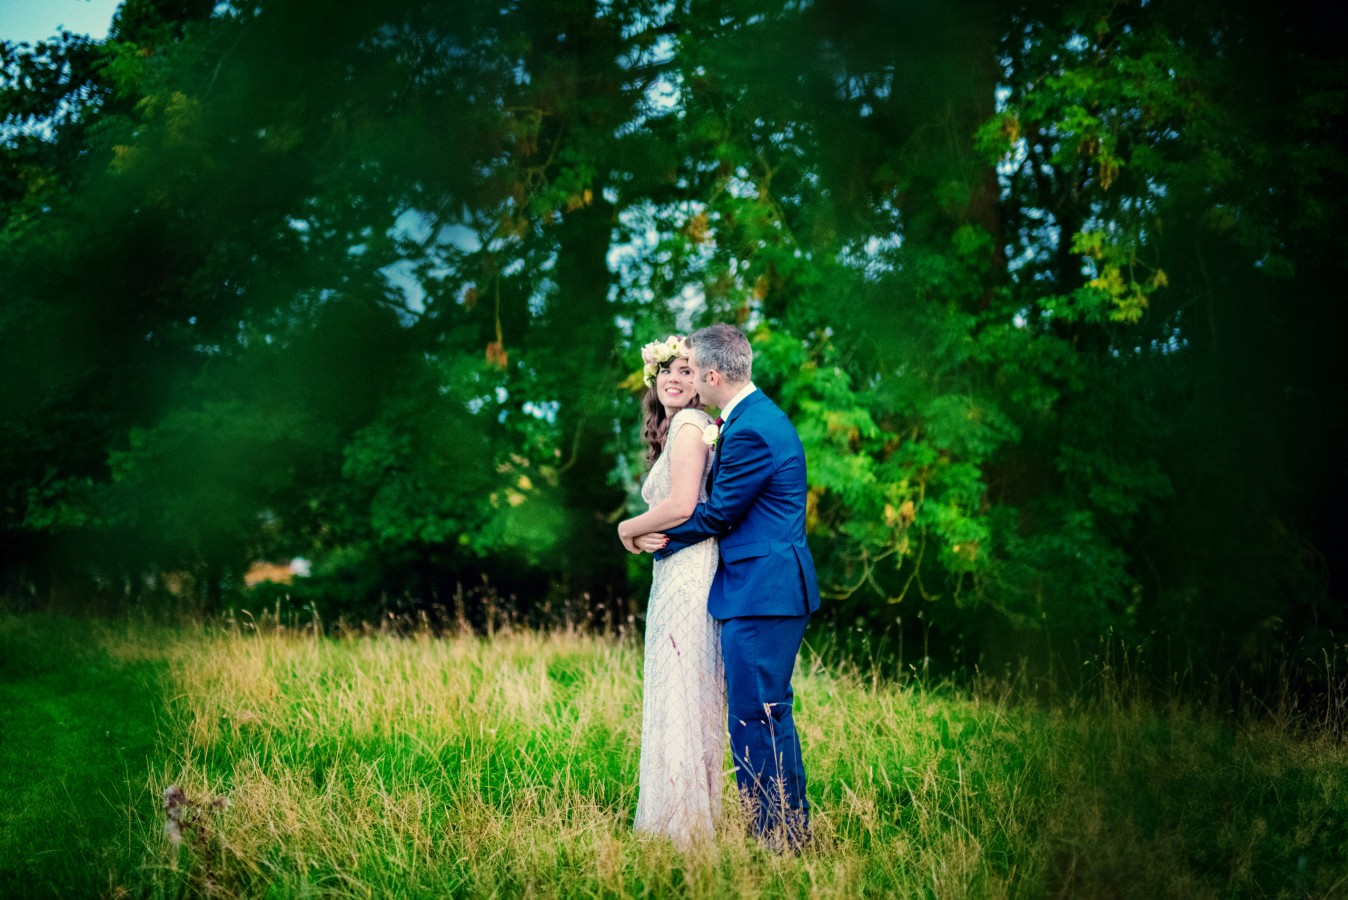 Hampshire Wedding Photographer - GK Photography-251